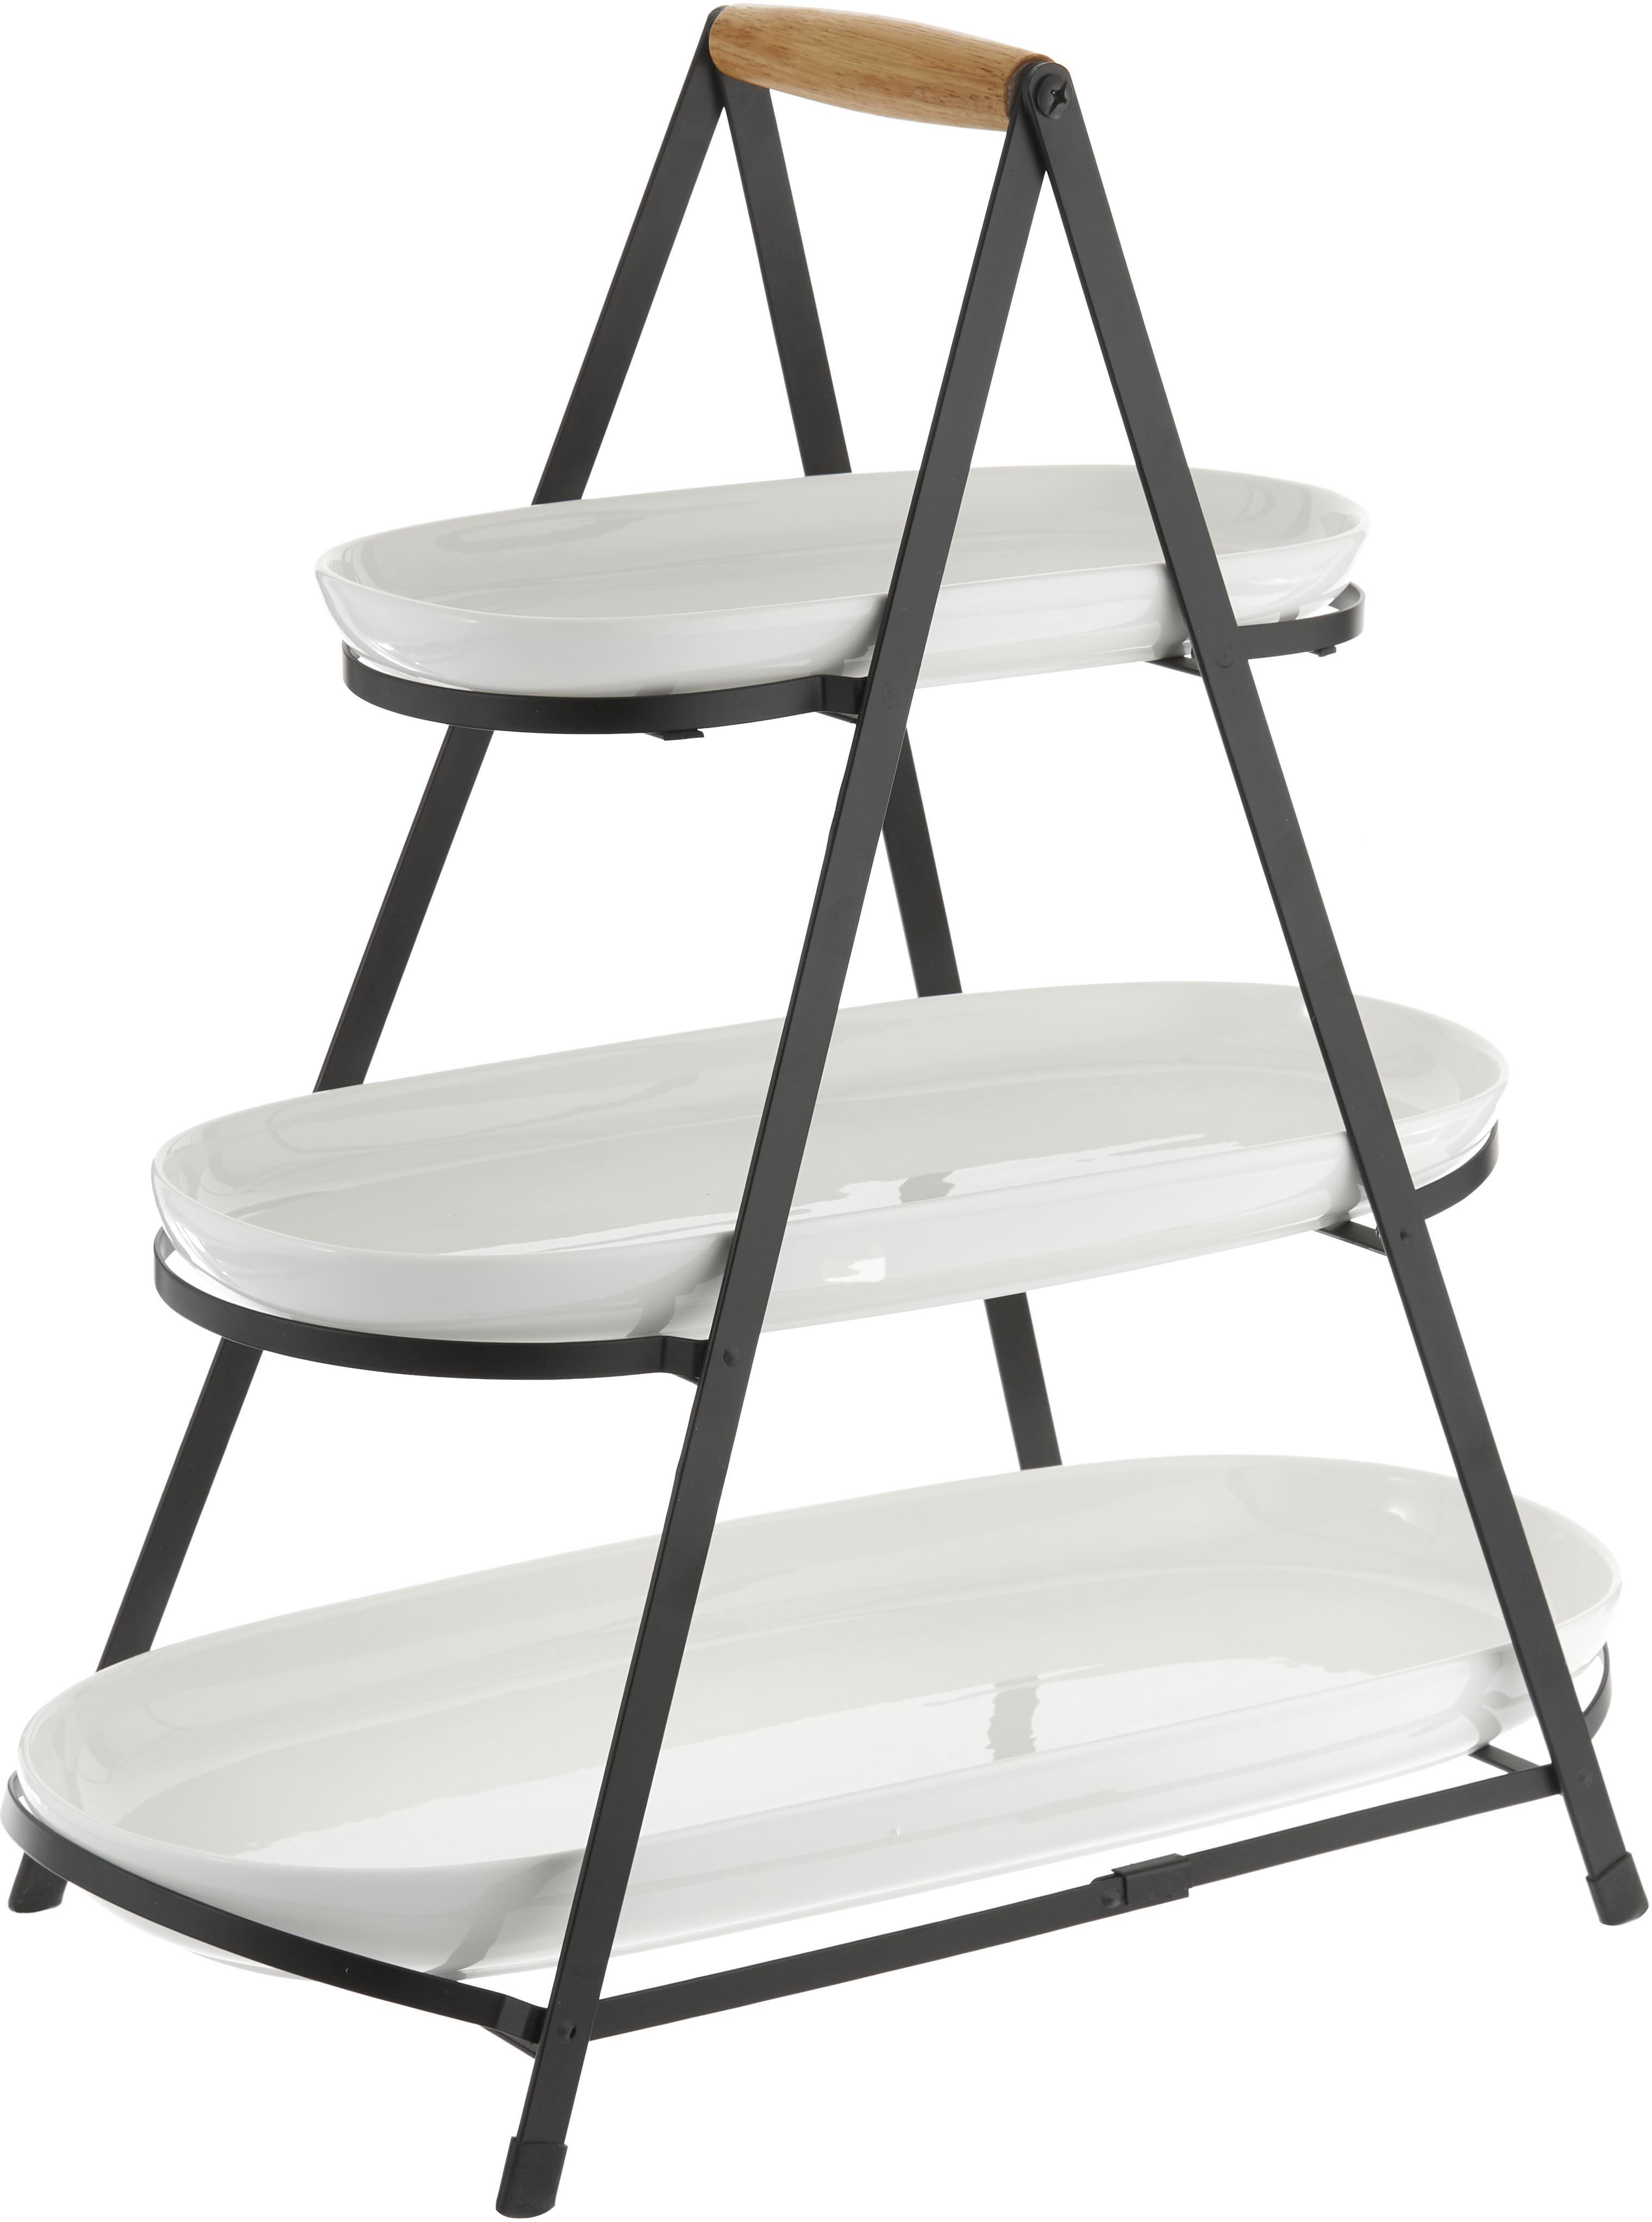 Etagère Tower met afneembare plateaus, Plateaus: porselein, Frame: metaal, Wit, zwart, houtkleurig, 50 x 55 cm